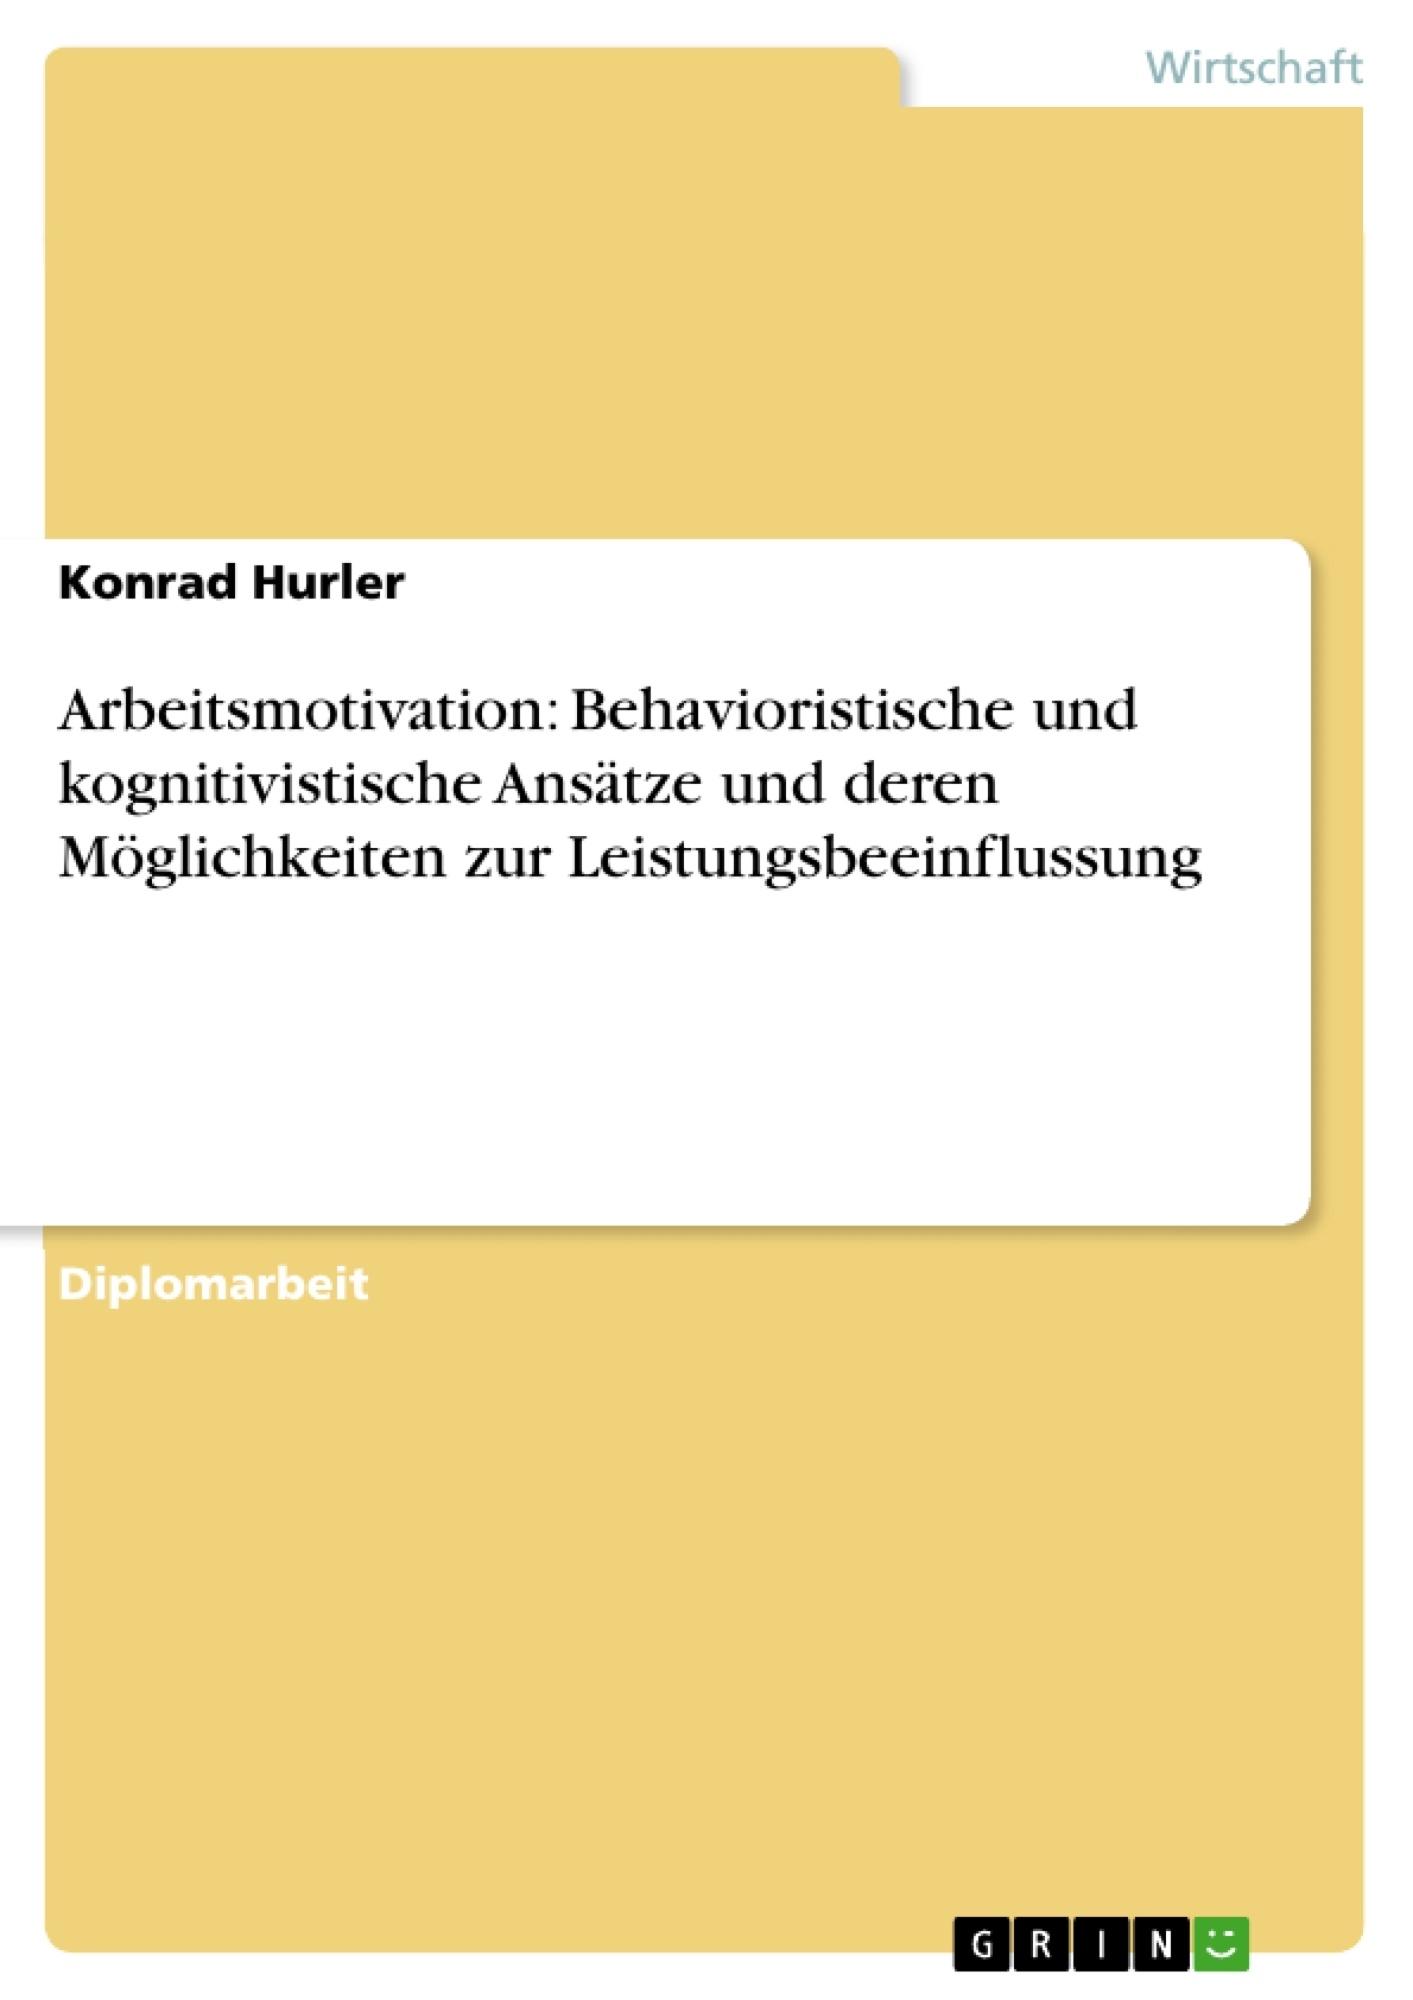 Titel: Arbeitsmotivation: Behavioristische und kognitivistische Ansätze und deren Möglichkeiten zur Leistungsbeeinflussung